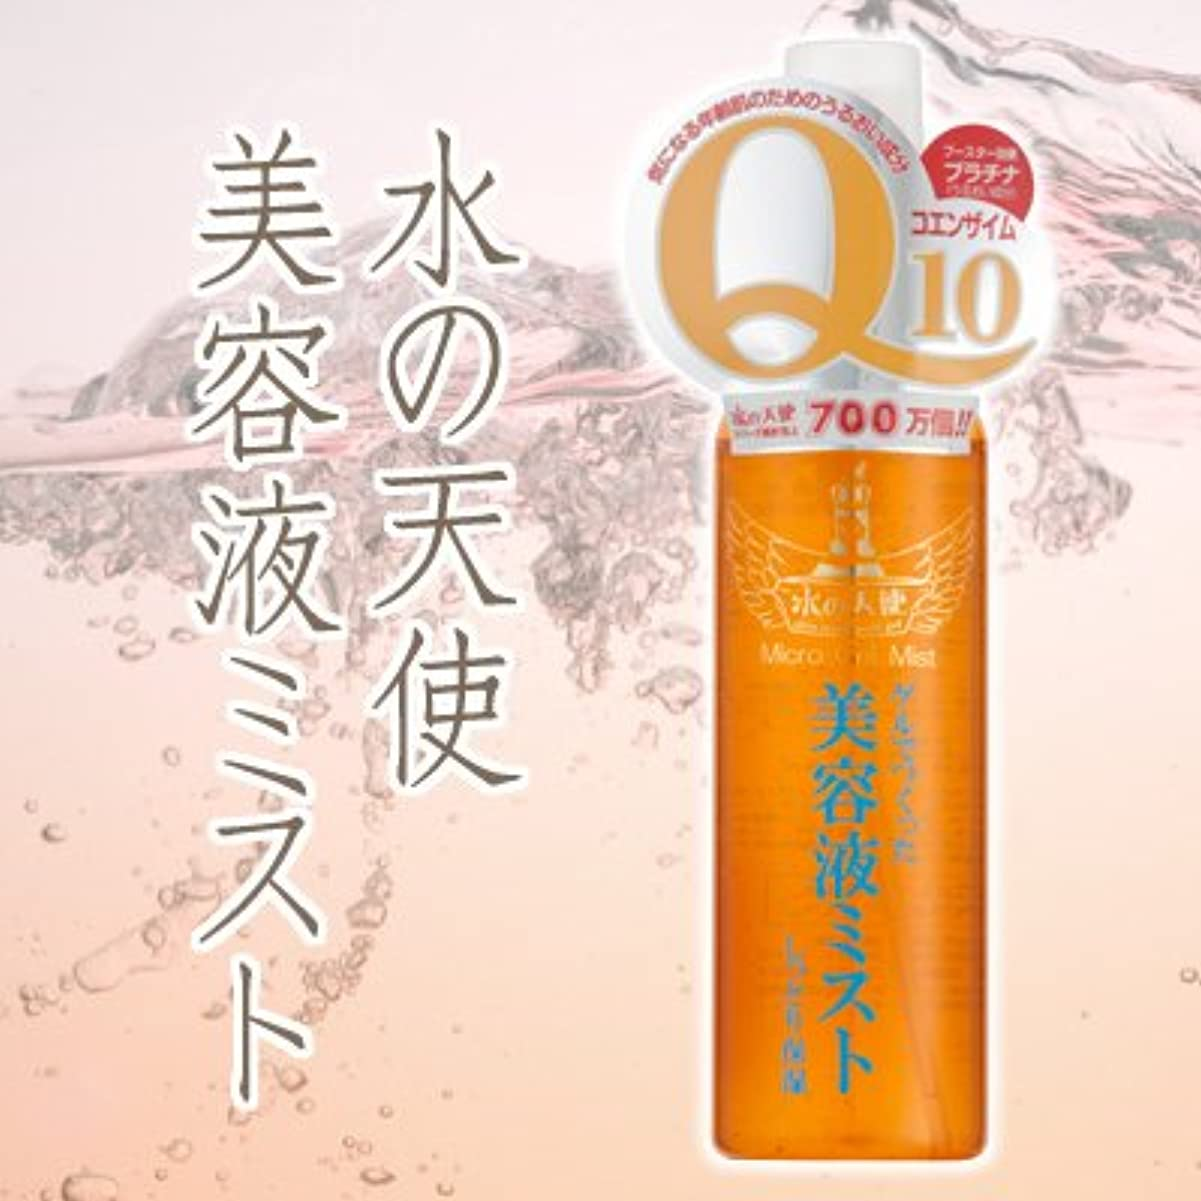 ラベノイズすごい水の天使美容液ミスト 120ml 3個セット ※あの「水の天使」シリーズから美容液ミストが新登場!